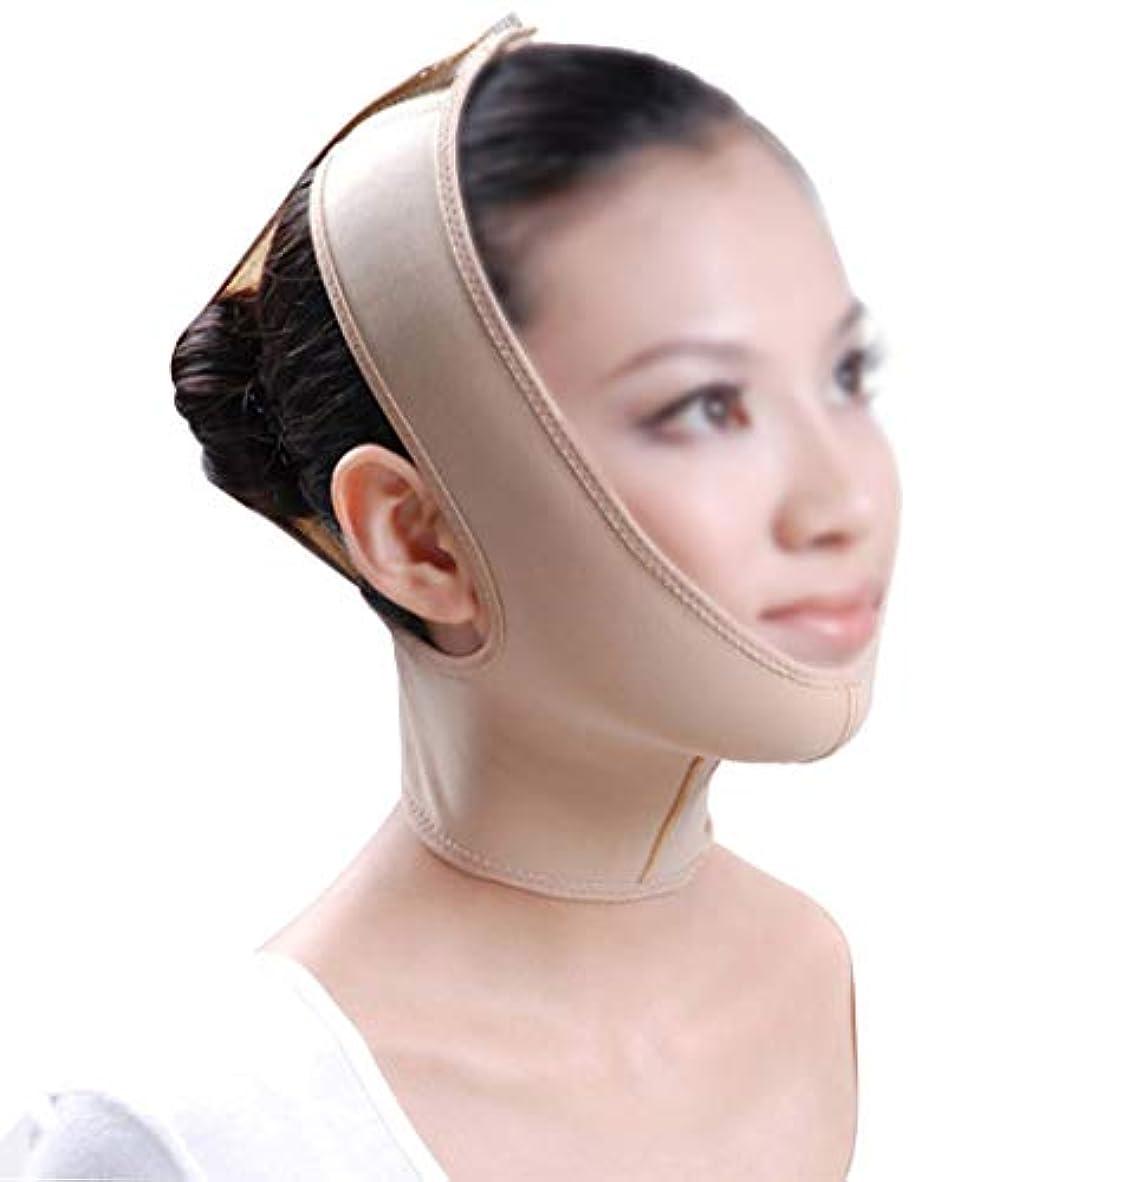 GLJJQMY 引き締めマスクマスク強力なフェイスリフティングリハビリ弾性フェイスリフティング引き締め首あご整形リハビリチンスリーブ 顔用整形マスク (Size : XL)